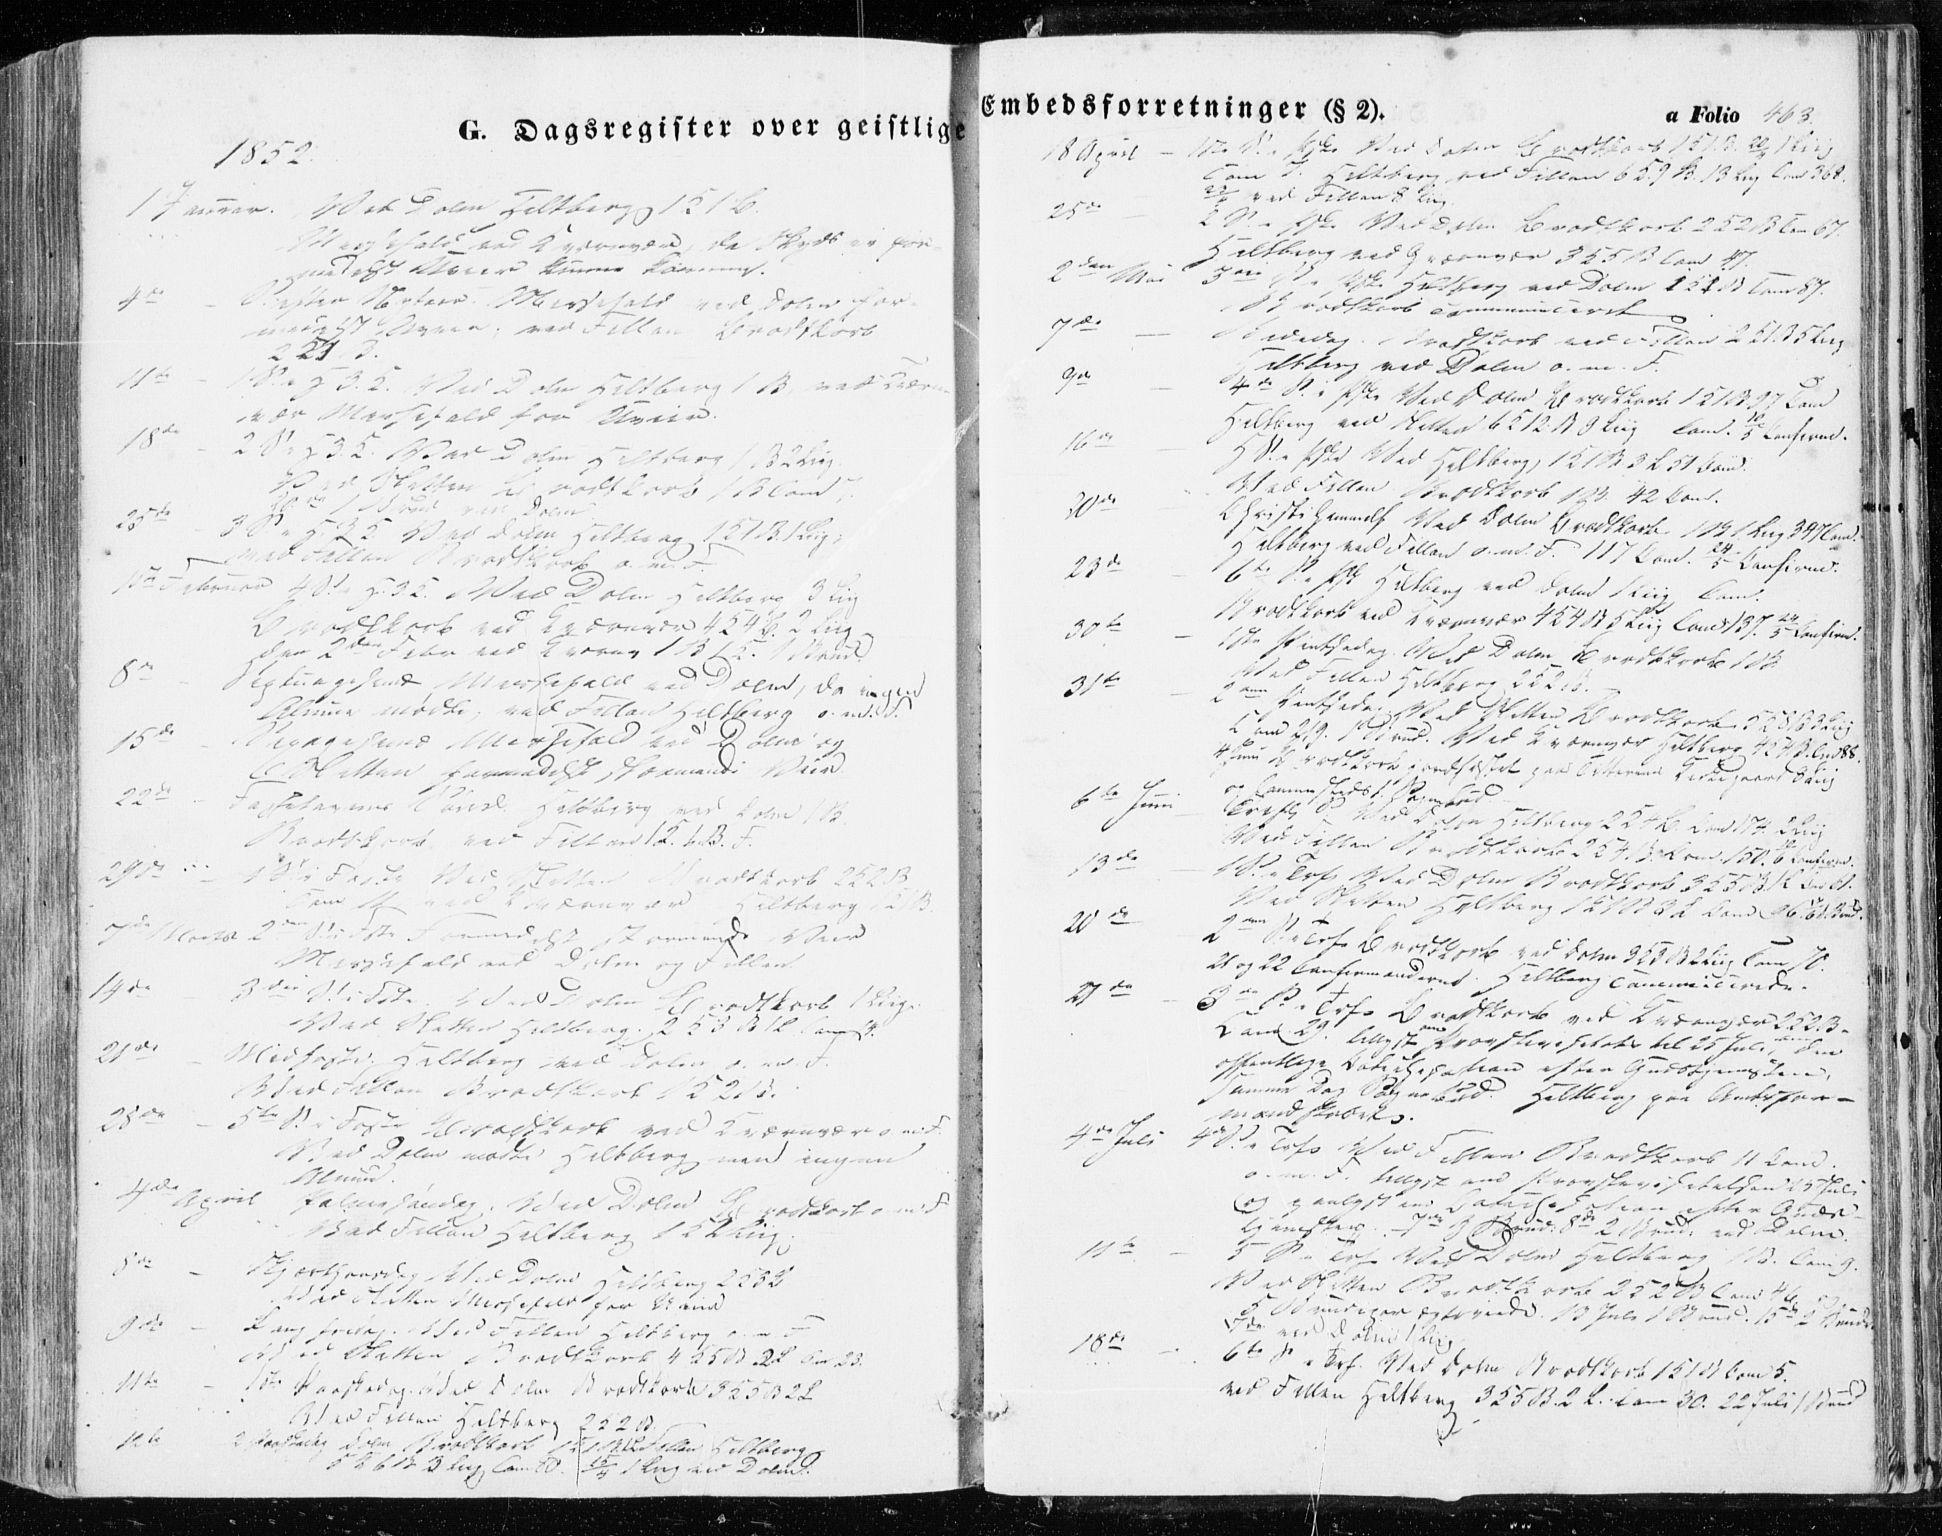 SAT, Ministerialprotokoller, klokkerbøker og fødselsregistre - Sør-Trøndelag, 634/L0530: Ministerialbok nr. 634A06, 1852-1860, s. 463